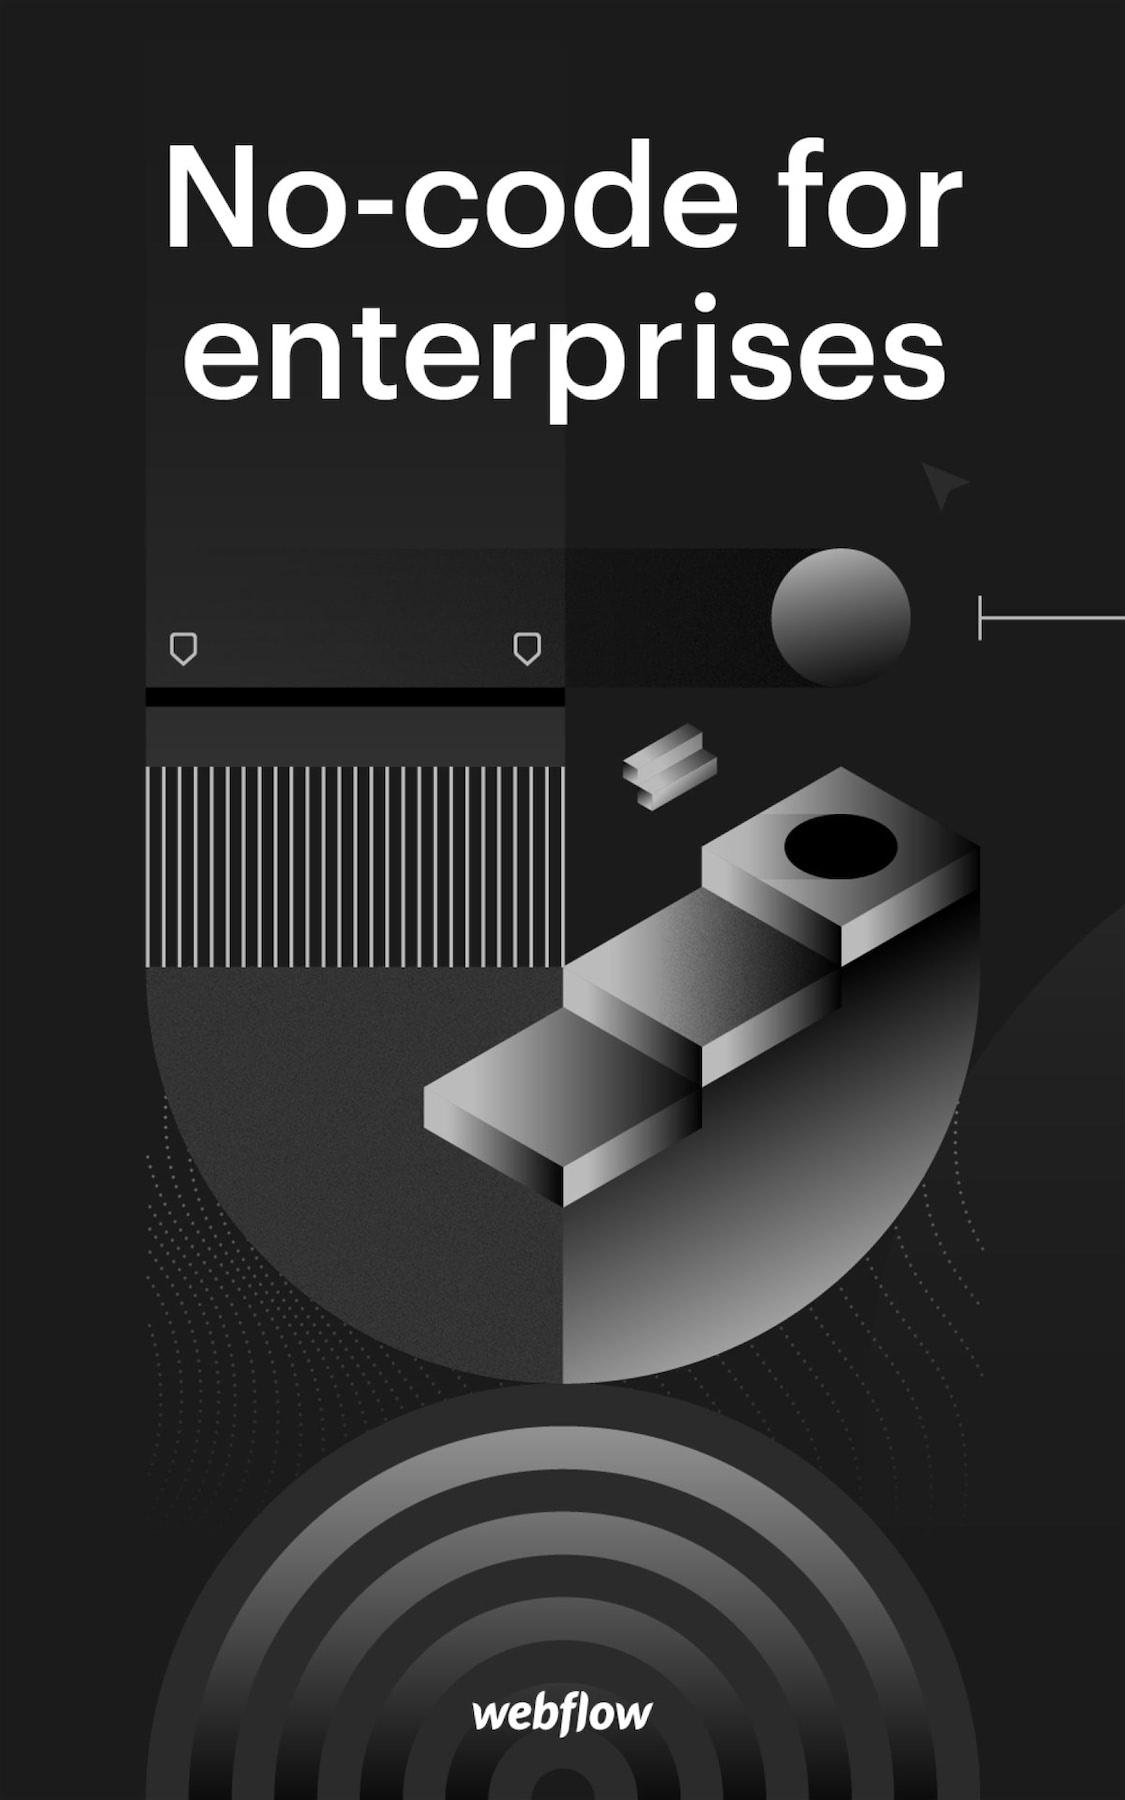 No-code for enterprises